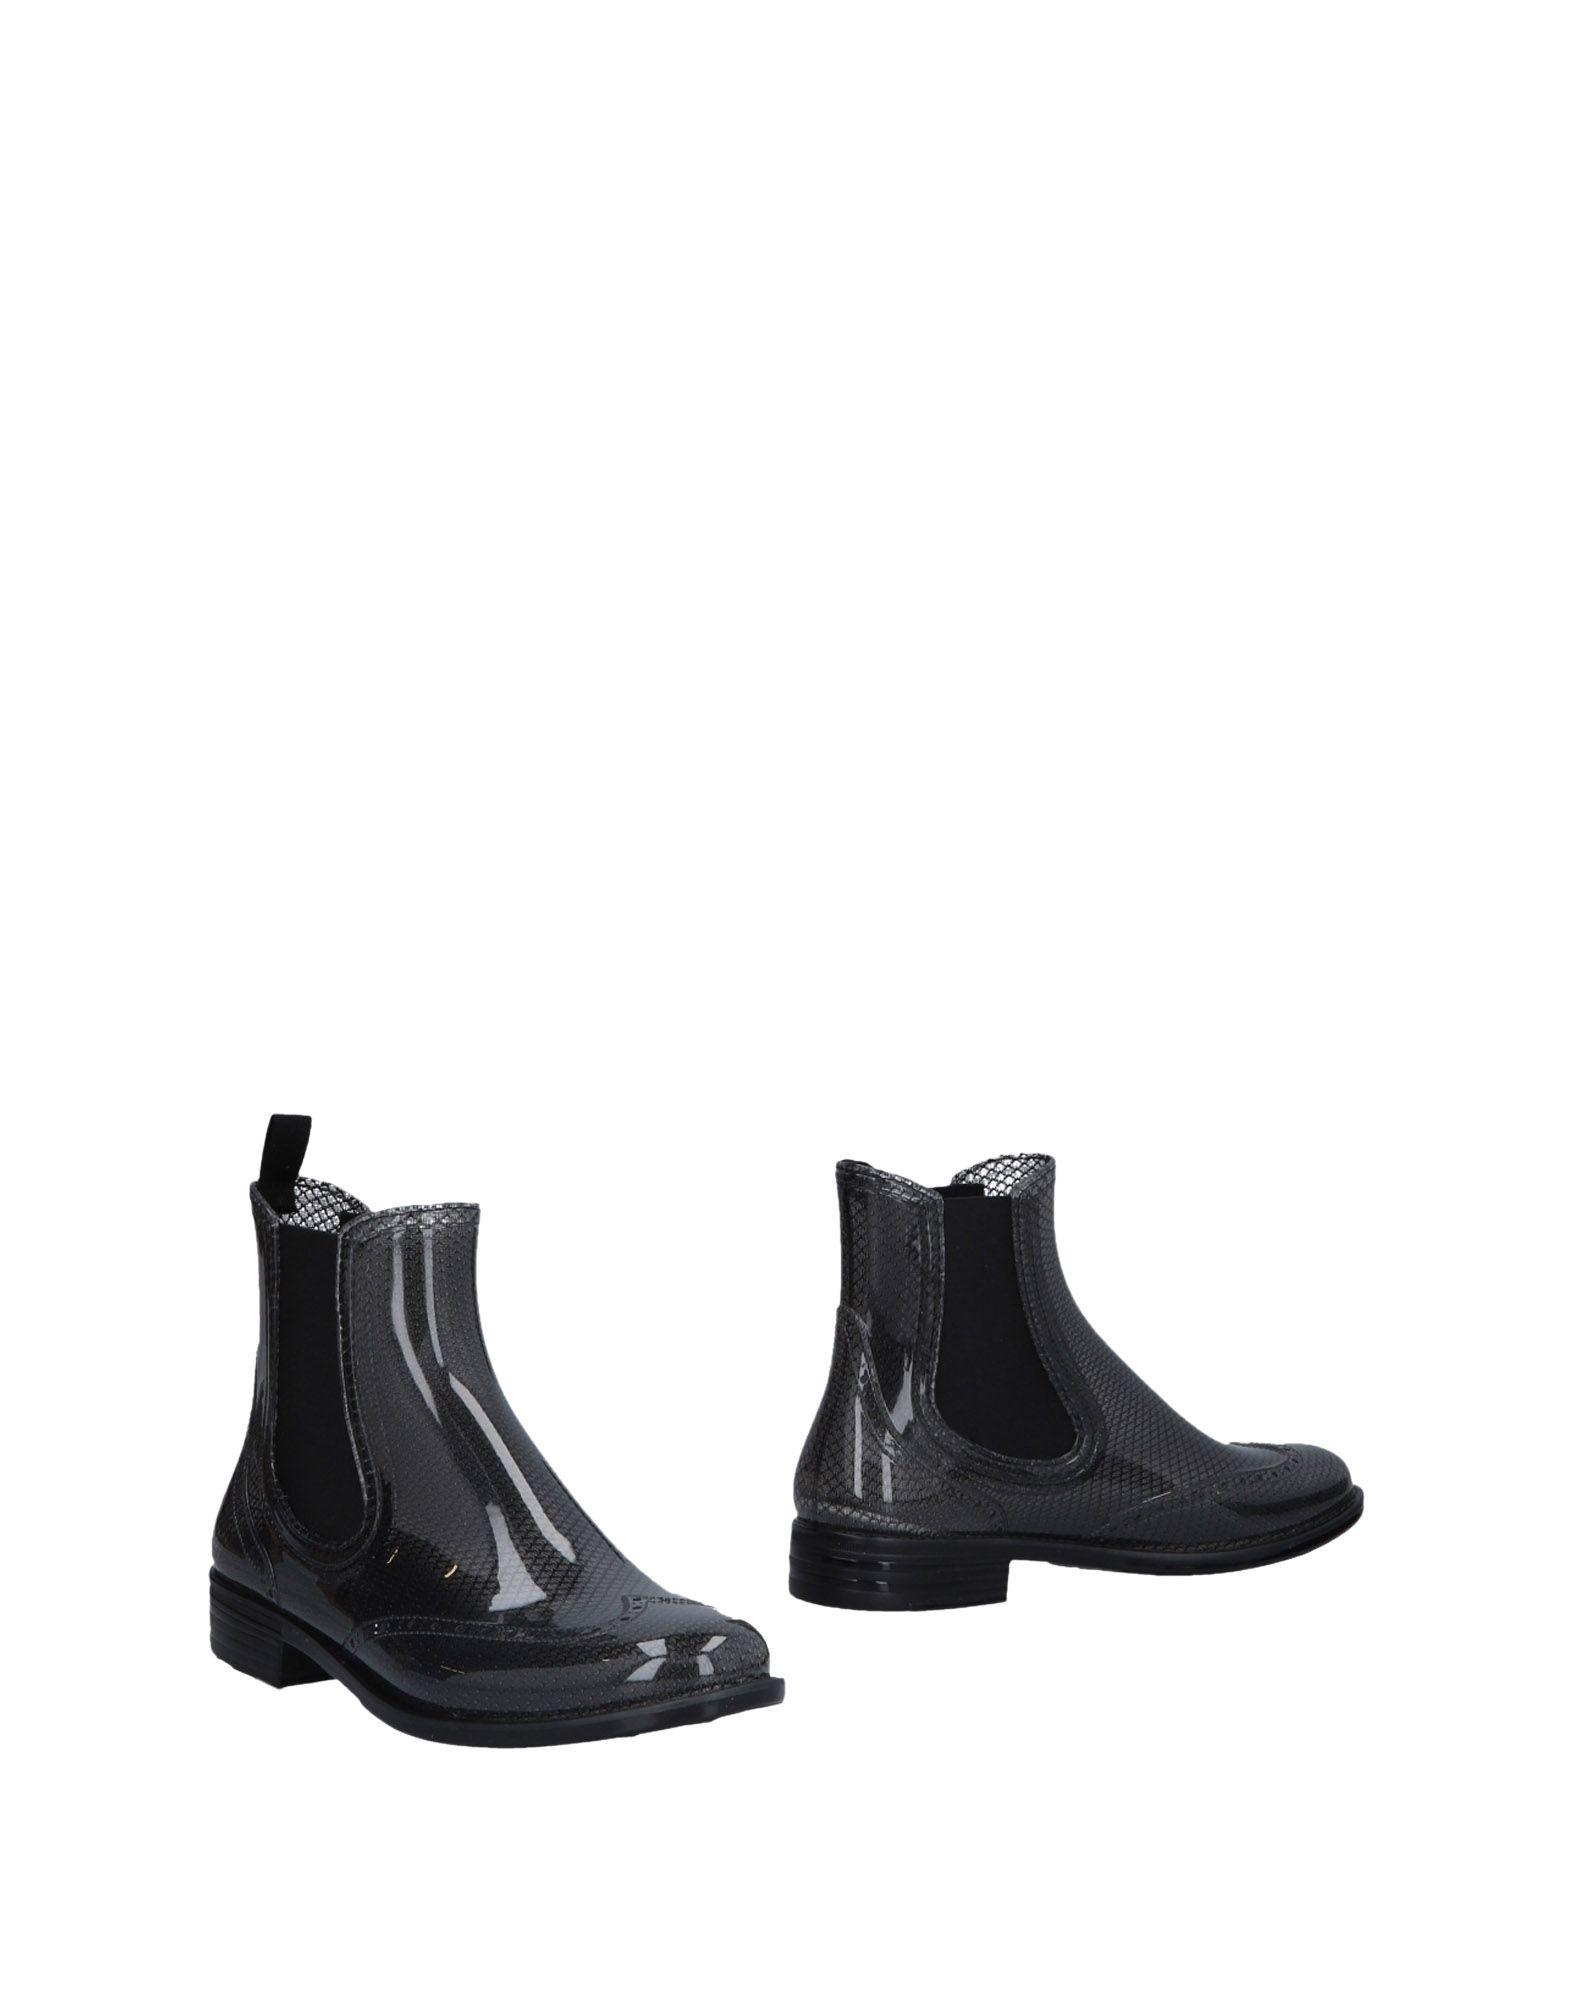 Police 883 Qualität Chelsea Boots Damen  11477260WK Gute Qualität 883 beliebte Schuhe 7dd527